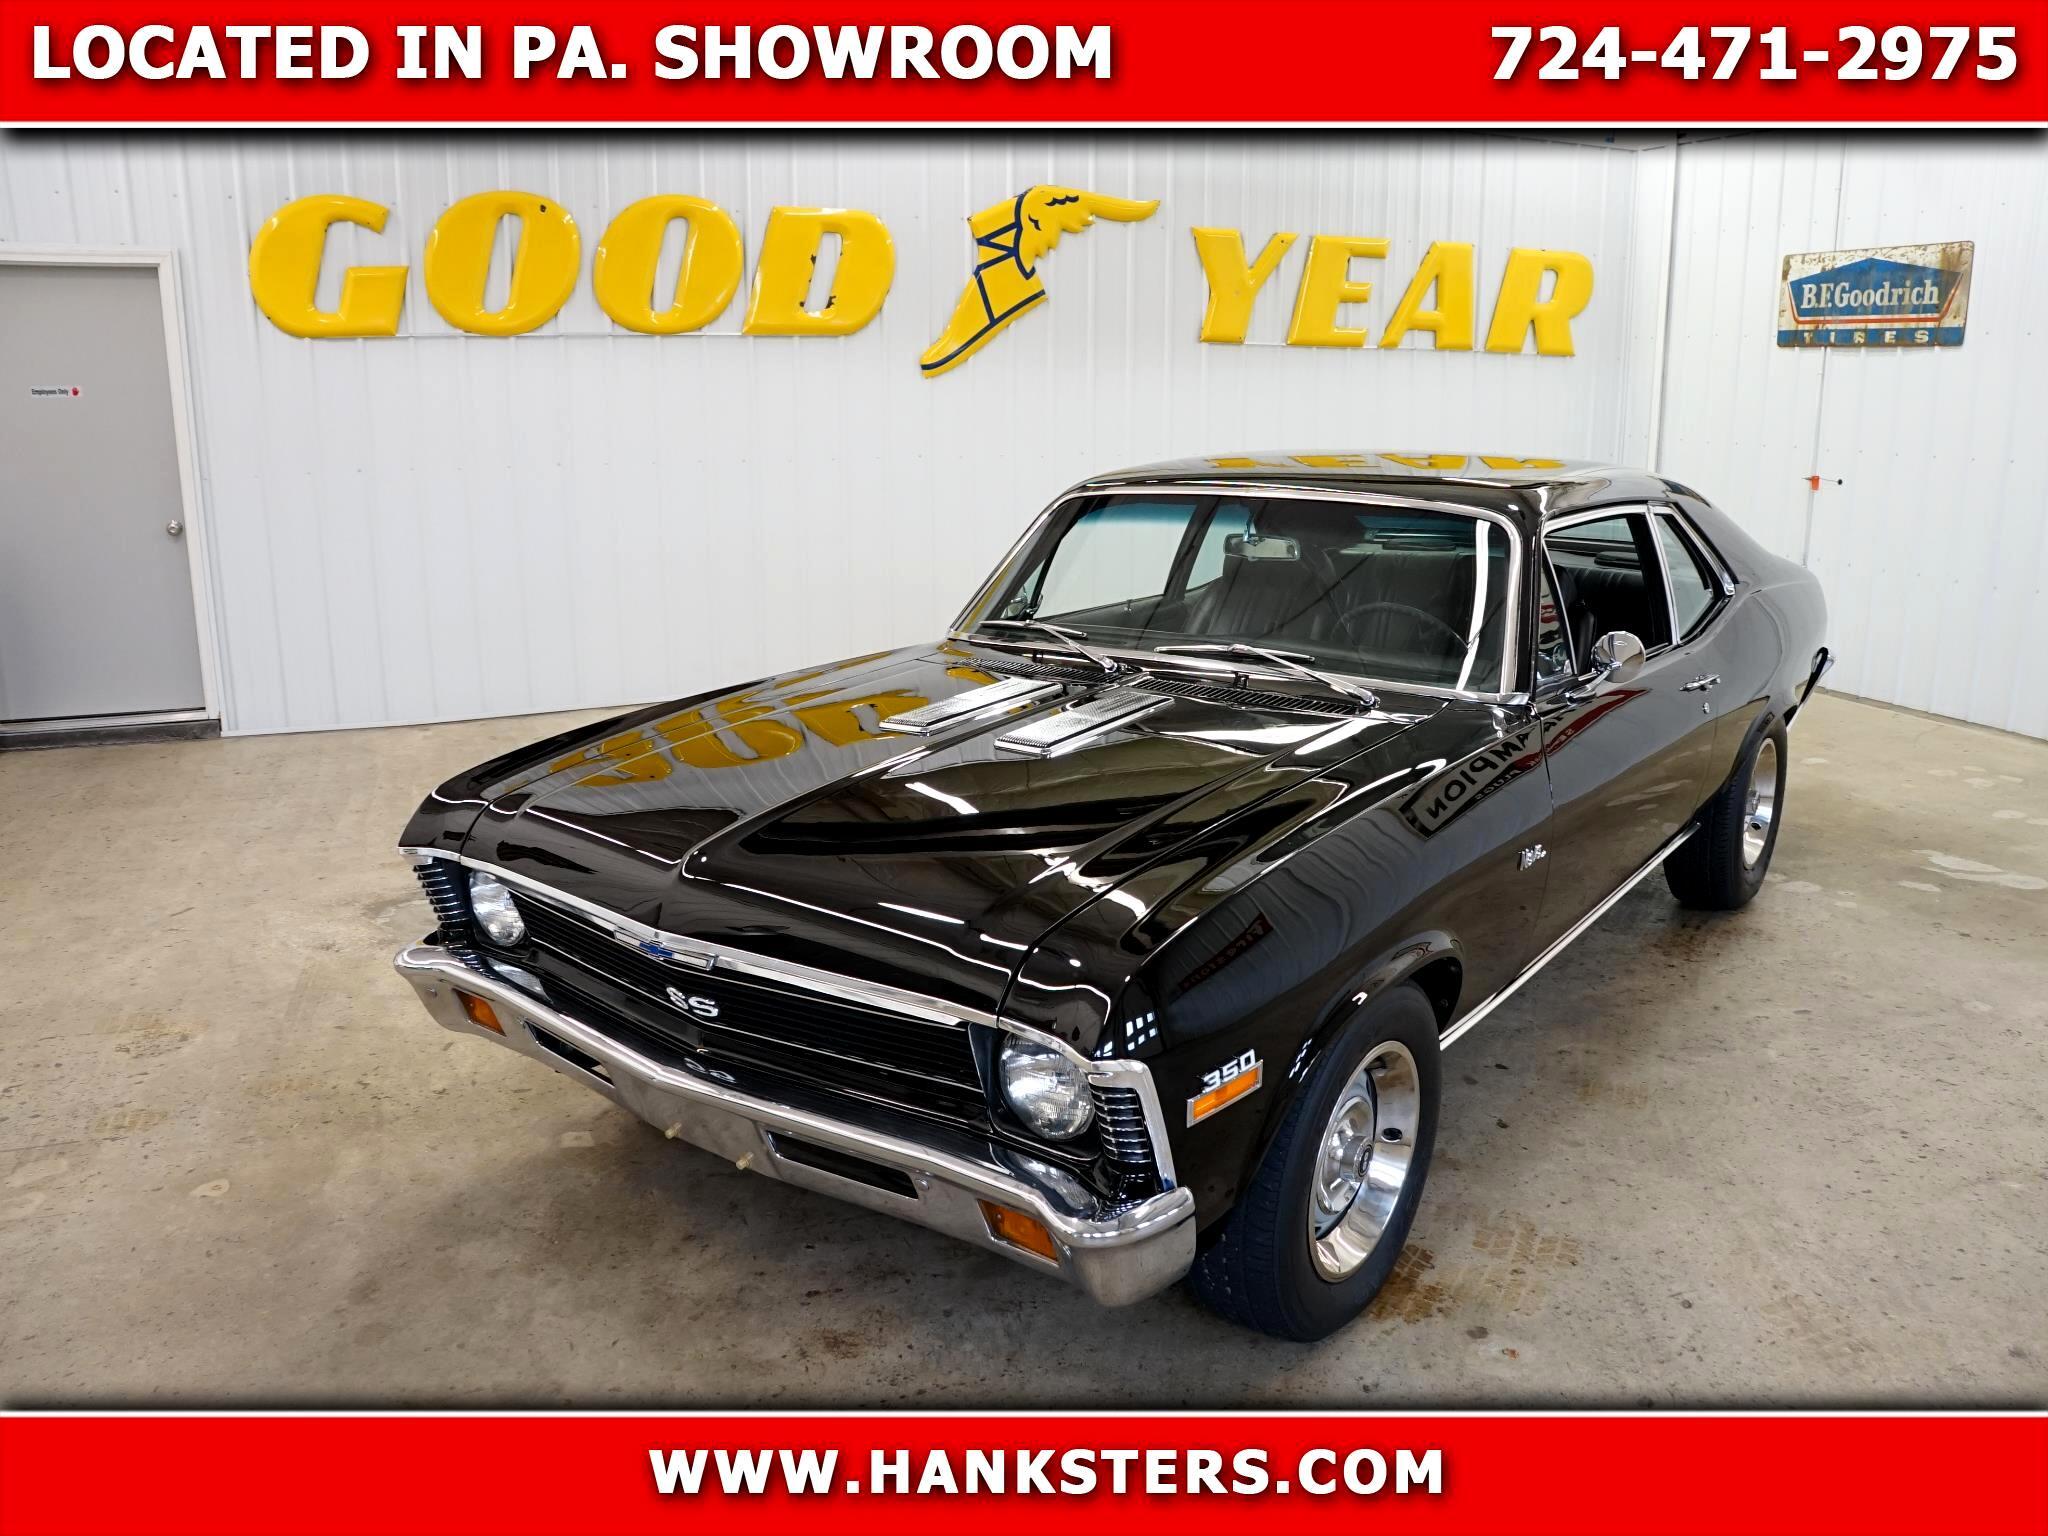 1971 Chevrolet Nova SS Style